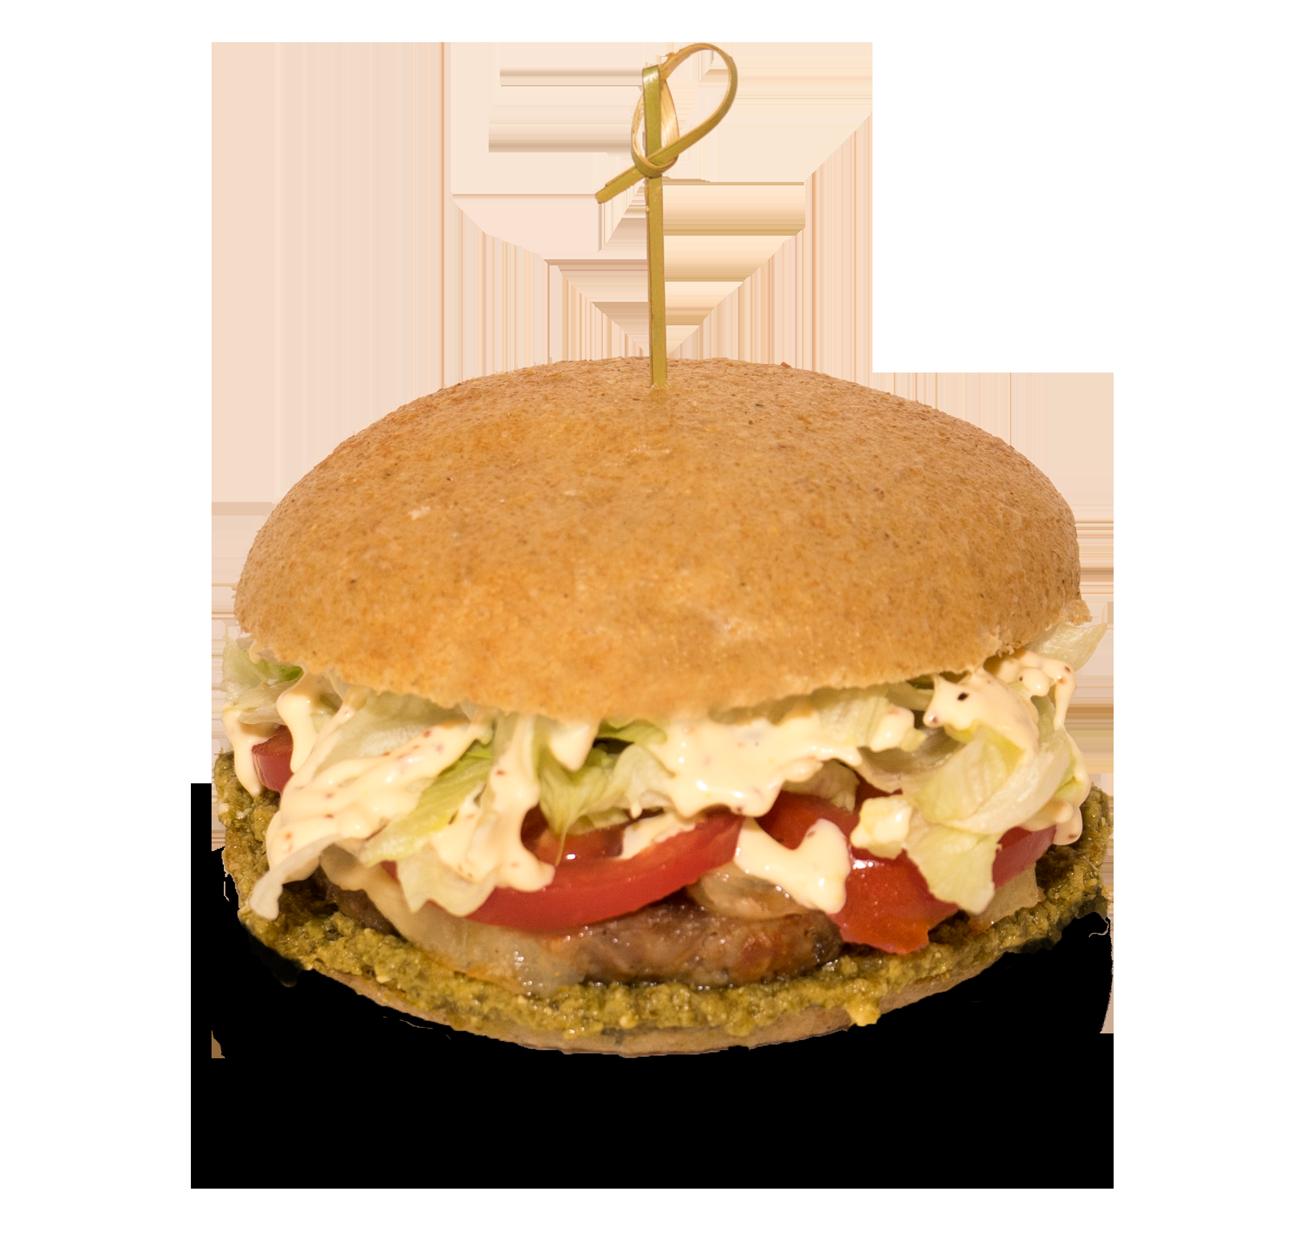 Cube, panino con hamburger di bovino e suino, pesto di basilico con olio e.v.o, pomodoro, lattuga e provola, maionese alla senape.